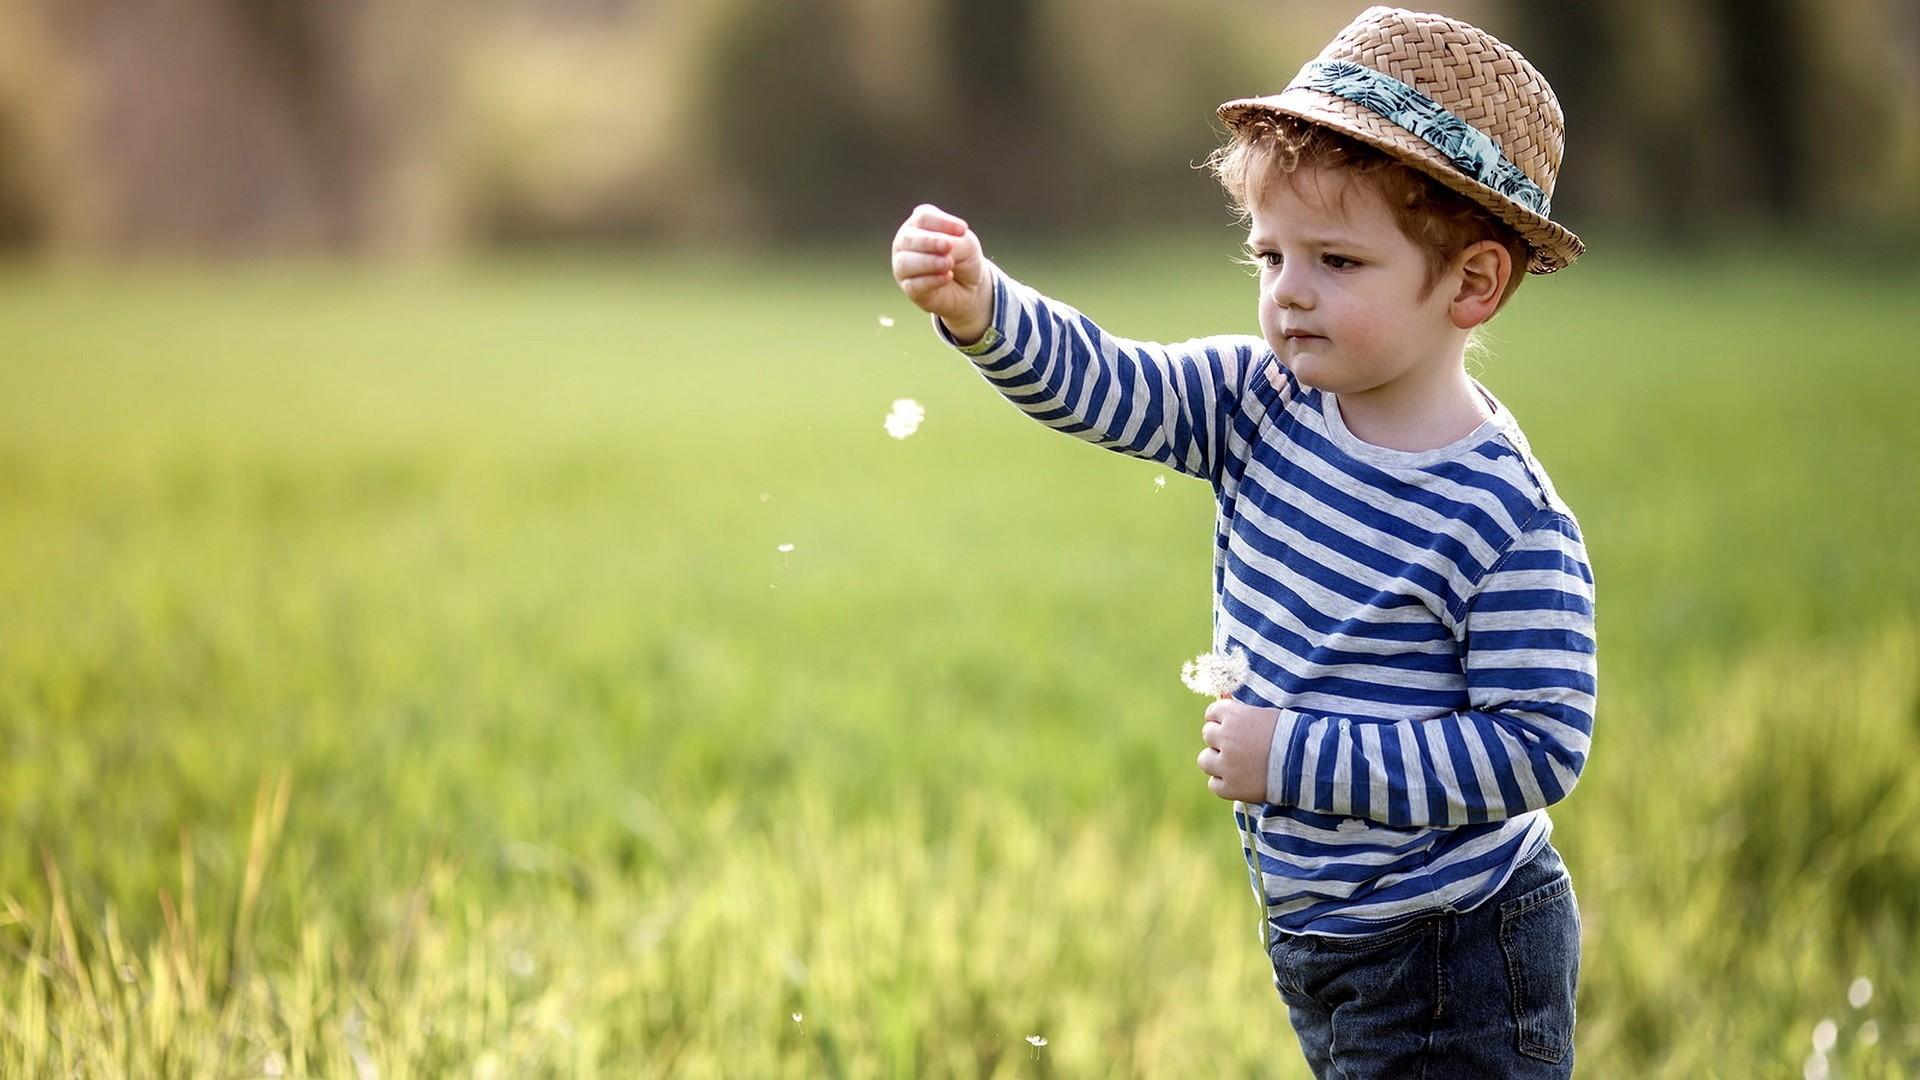 بالصور صور اولاد , اجمل صور اطفال حلوين جدا 2065 4